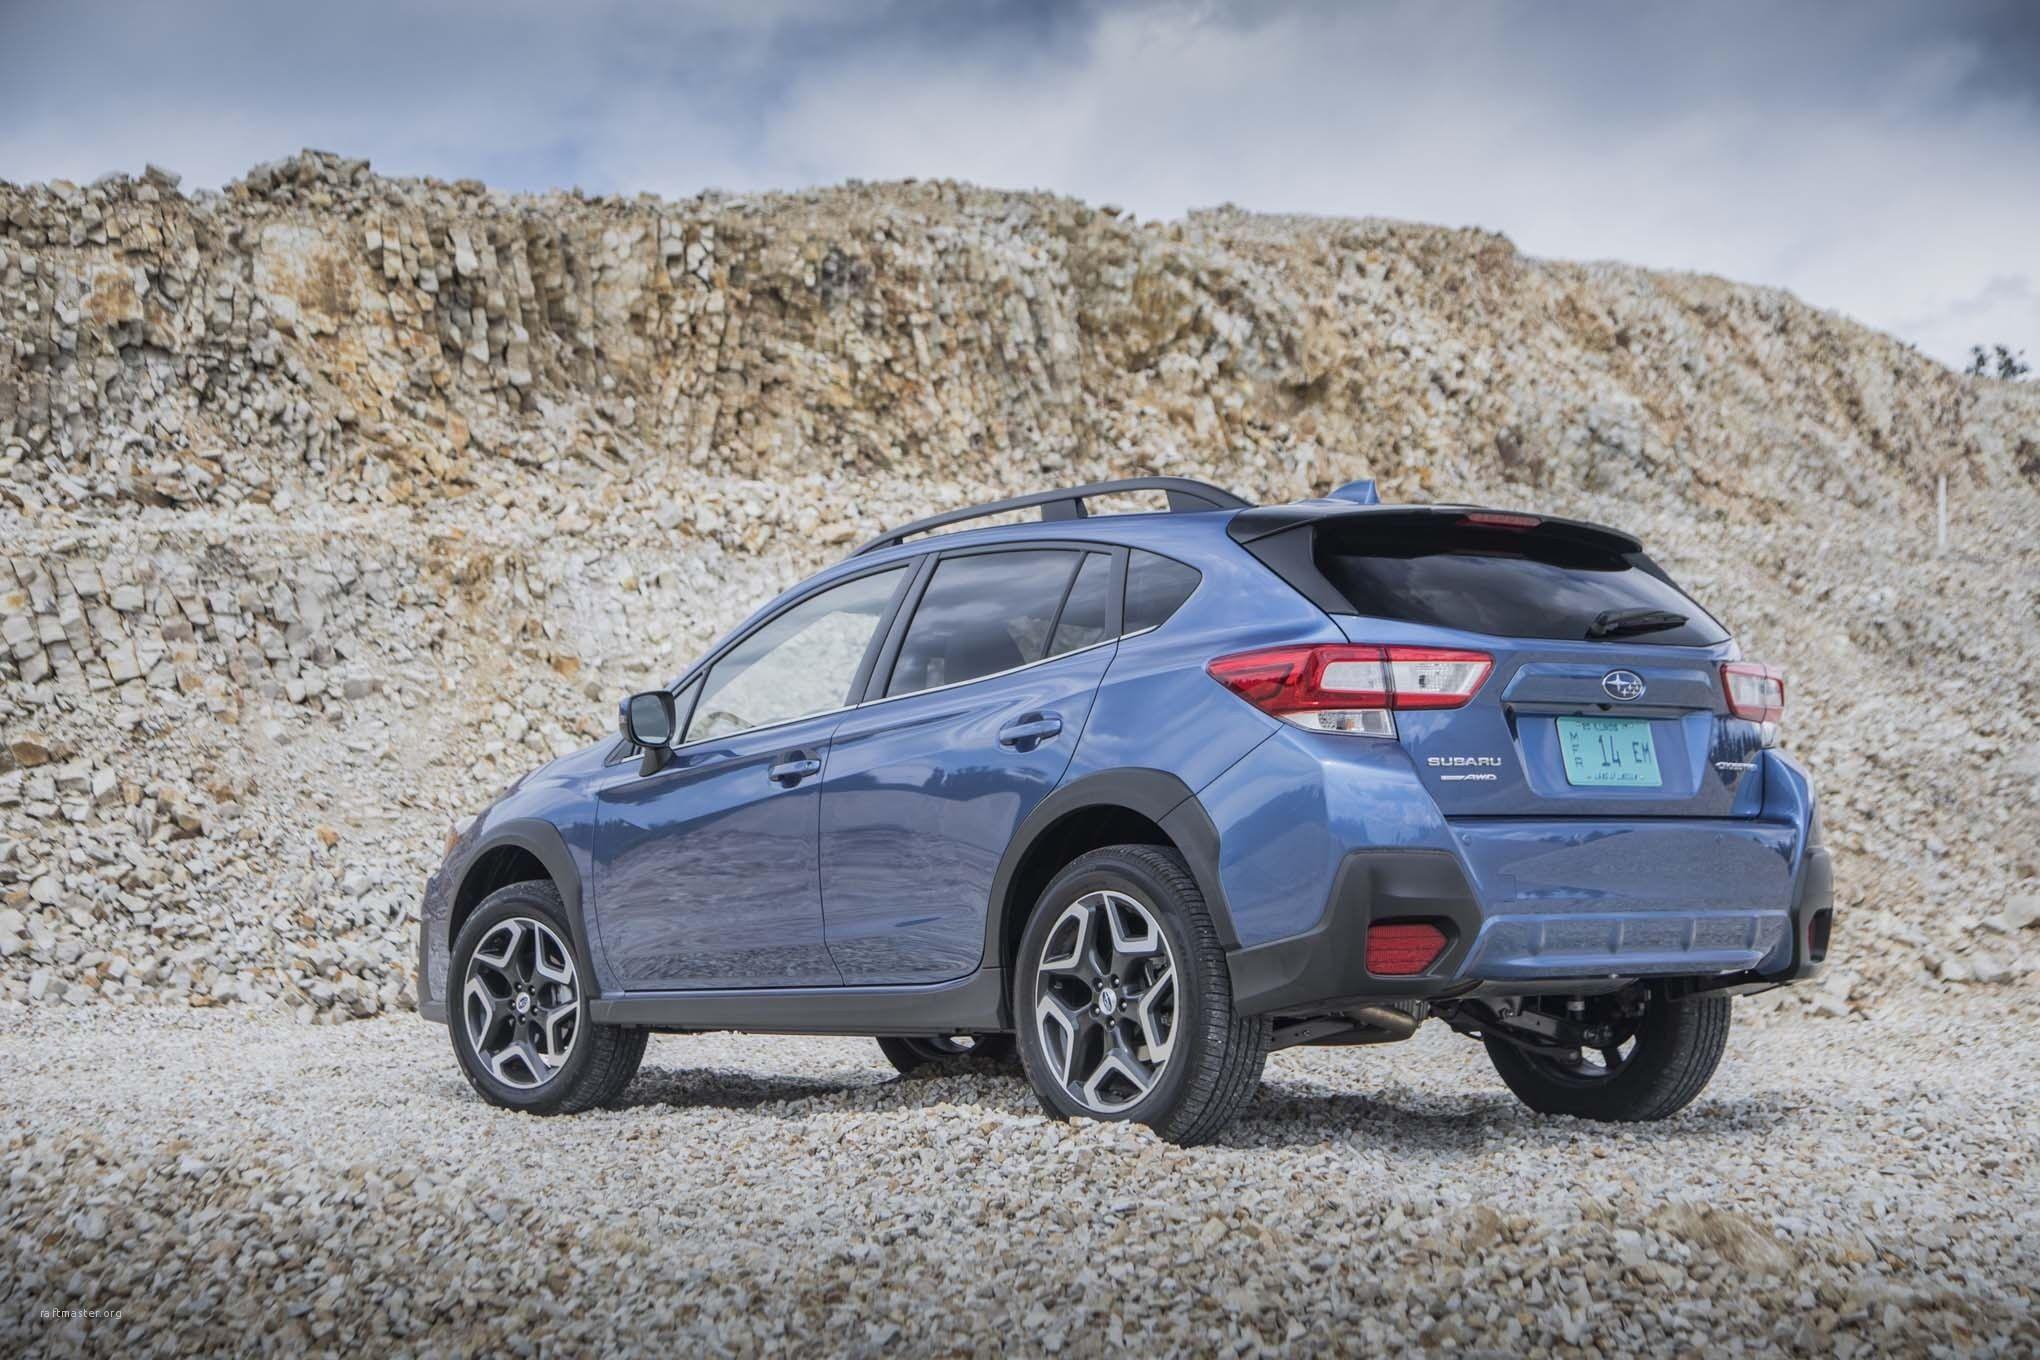 2019 Subaru Xv Crosstrek Turbo Specs And Review Subaru Subaru Crosstrek Safe Cars